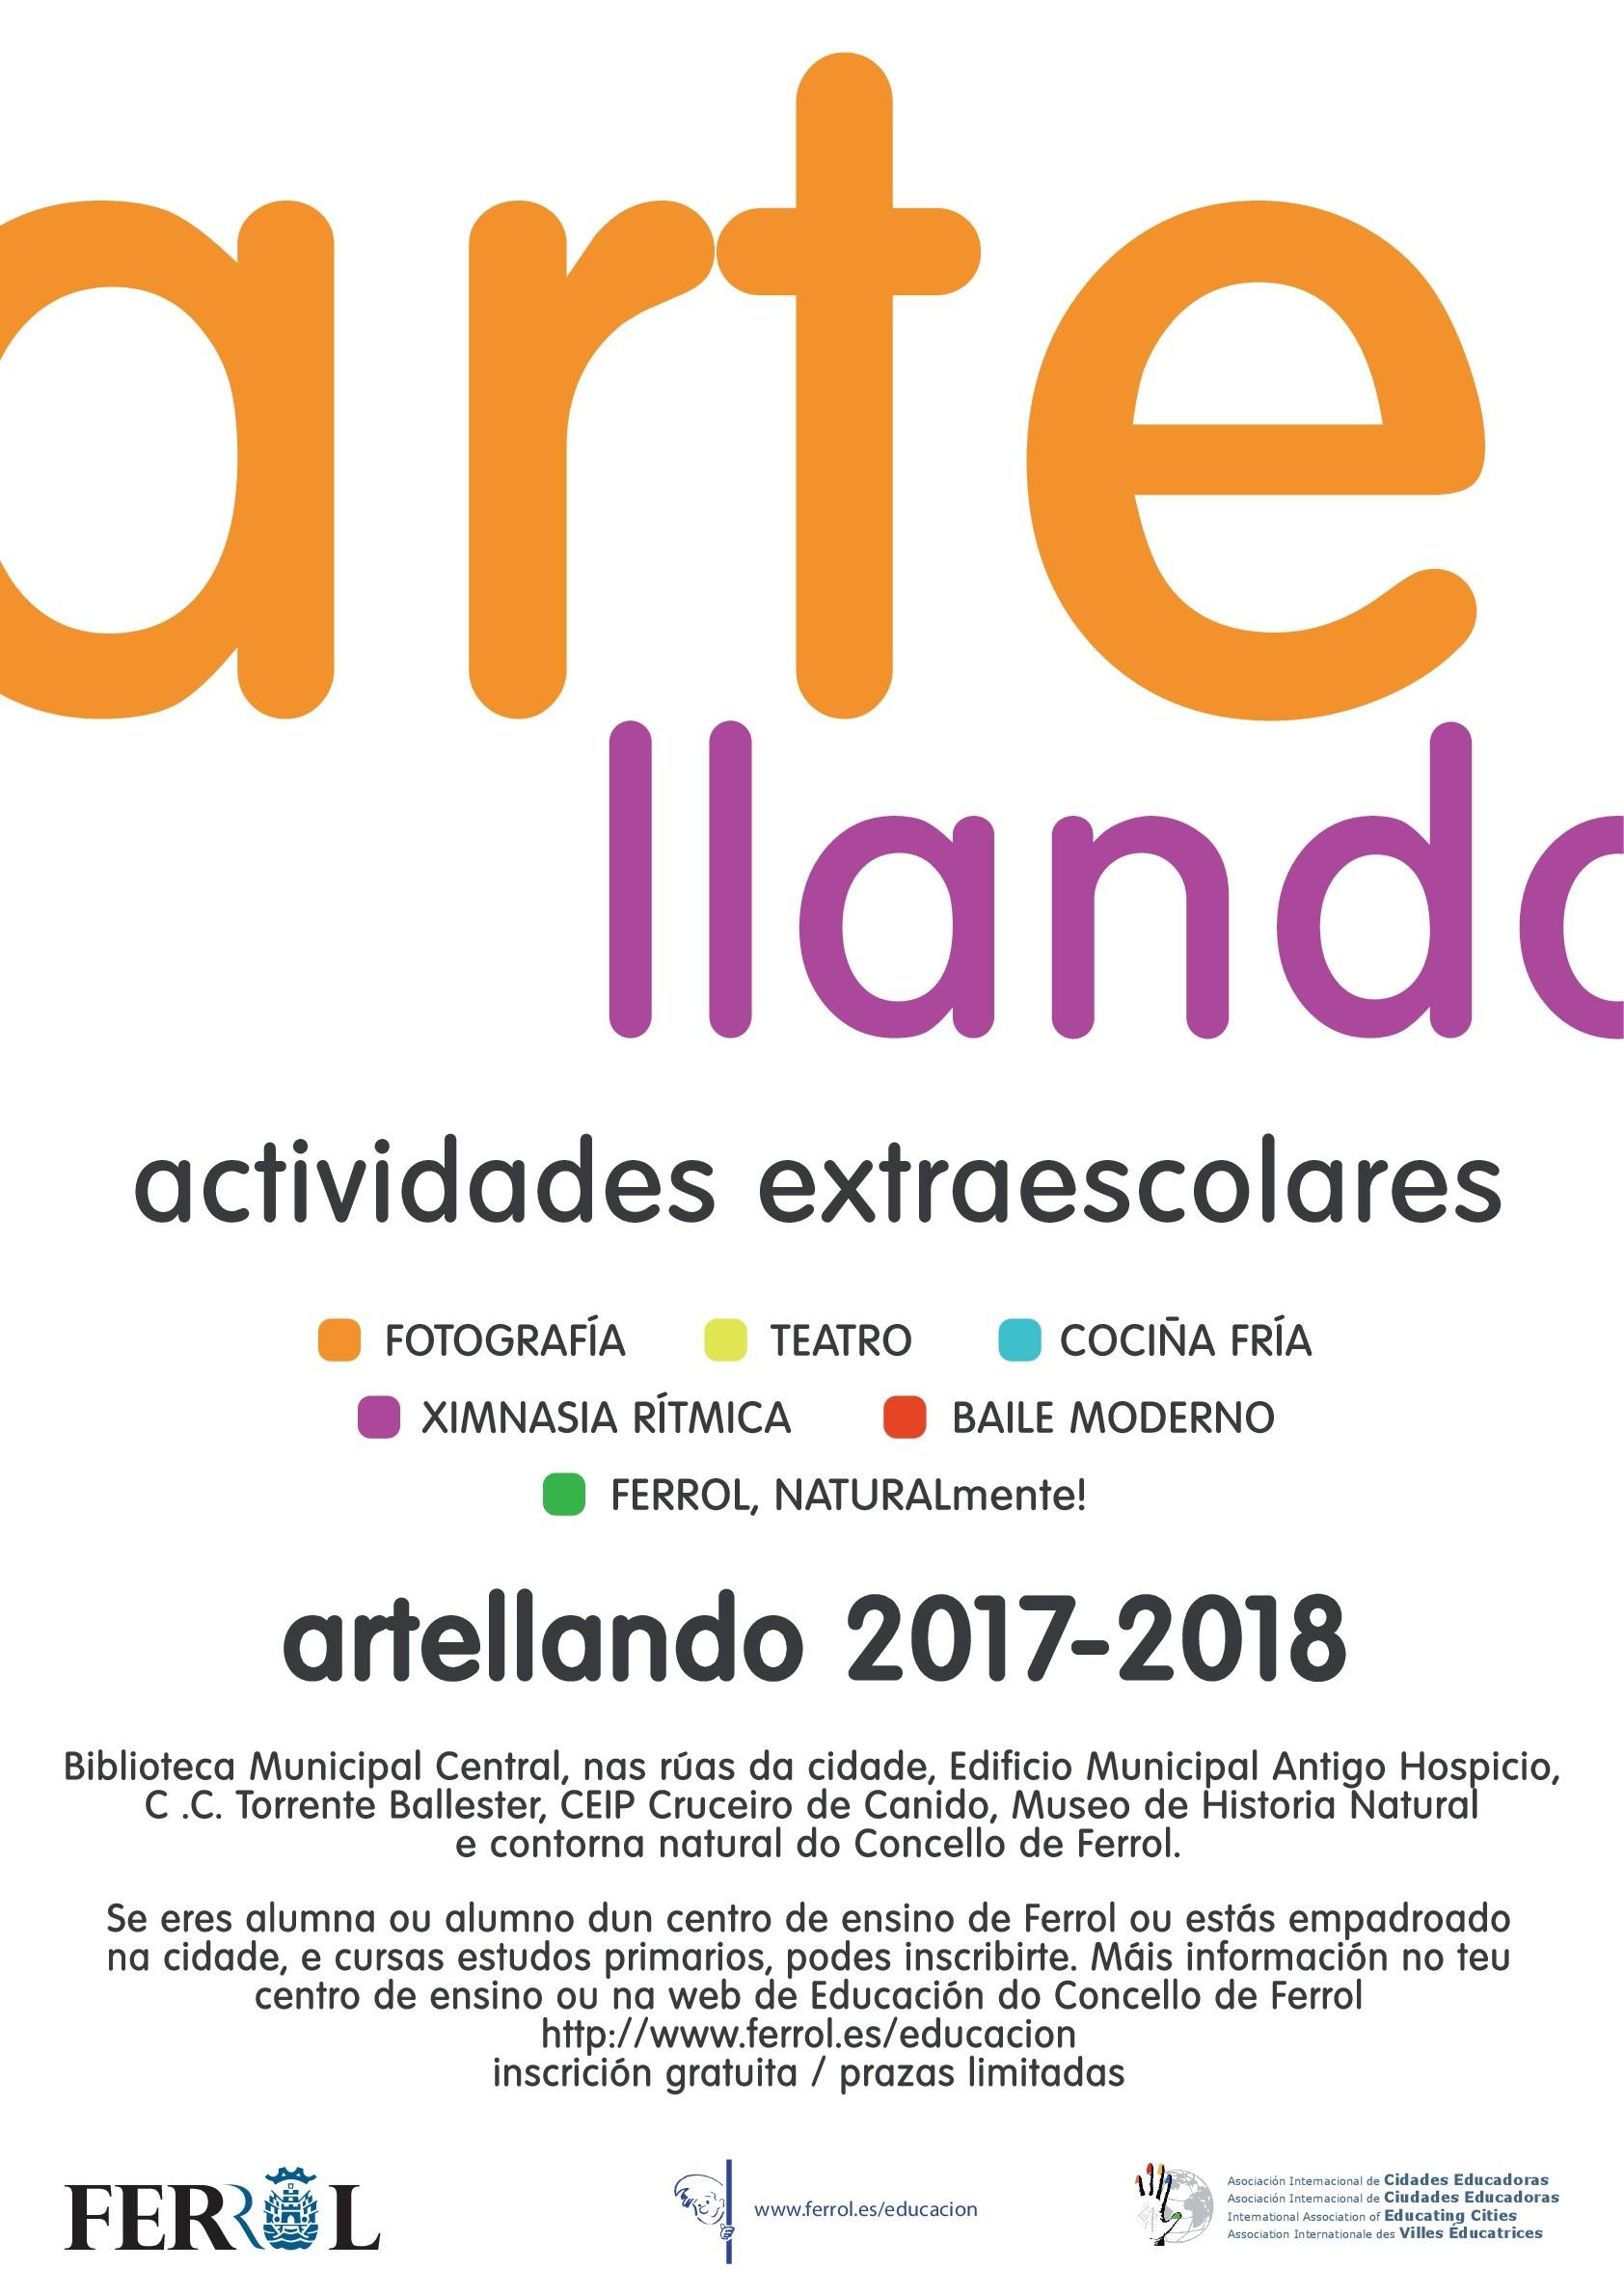 FerrolNaturalmente, Fotografía, cociña fría, teatro, baile moderno e ximnasia rítmica, na oferta educativa de Artellando para este curso escolar 2017/2018